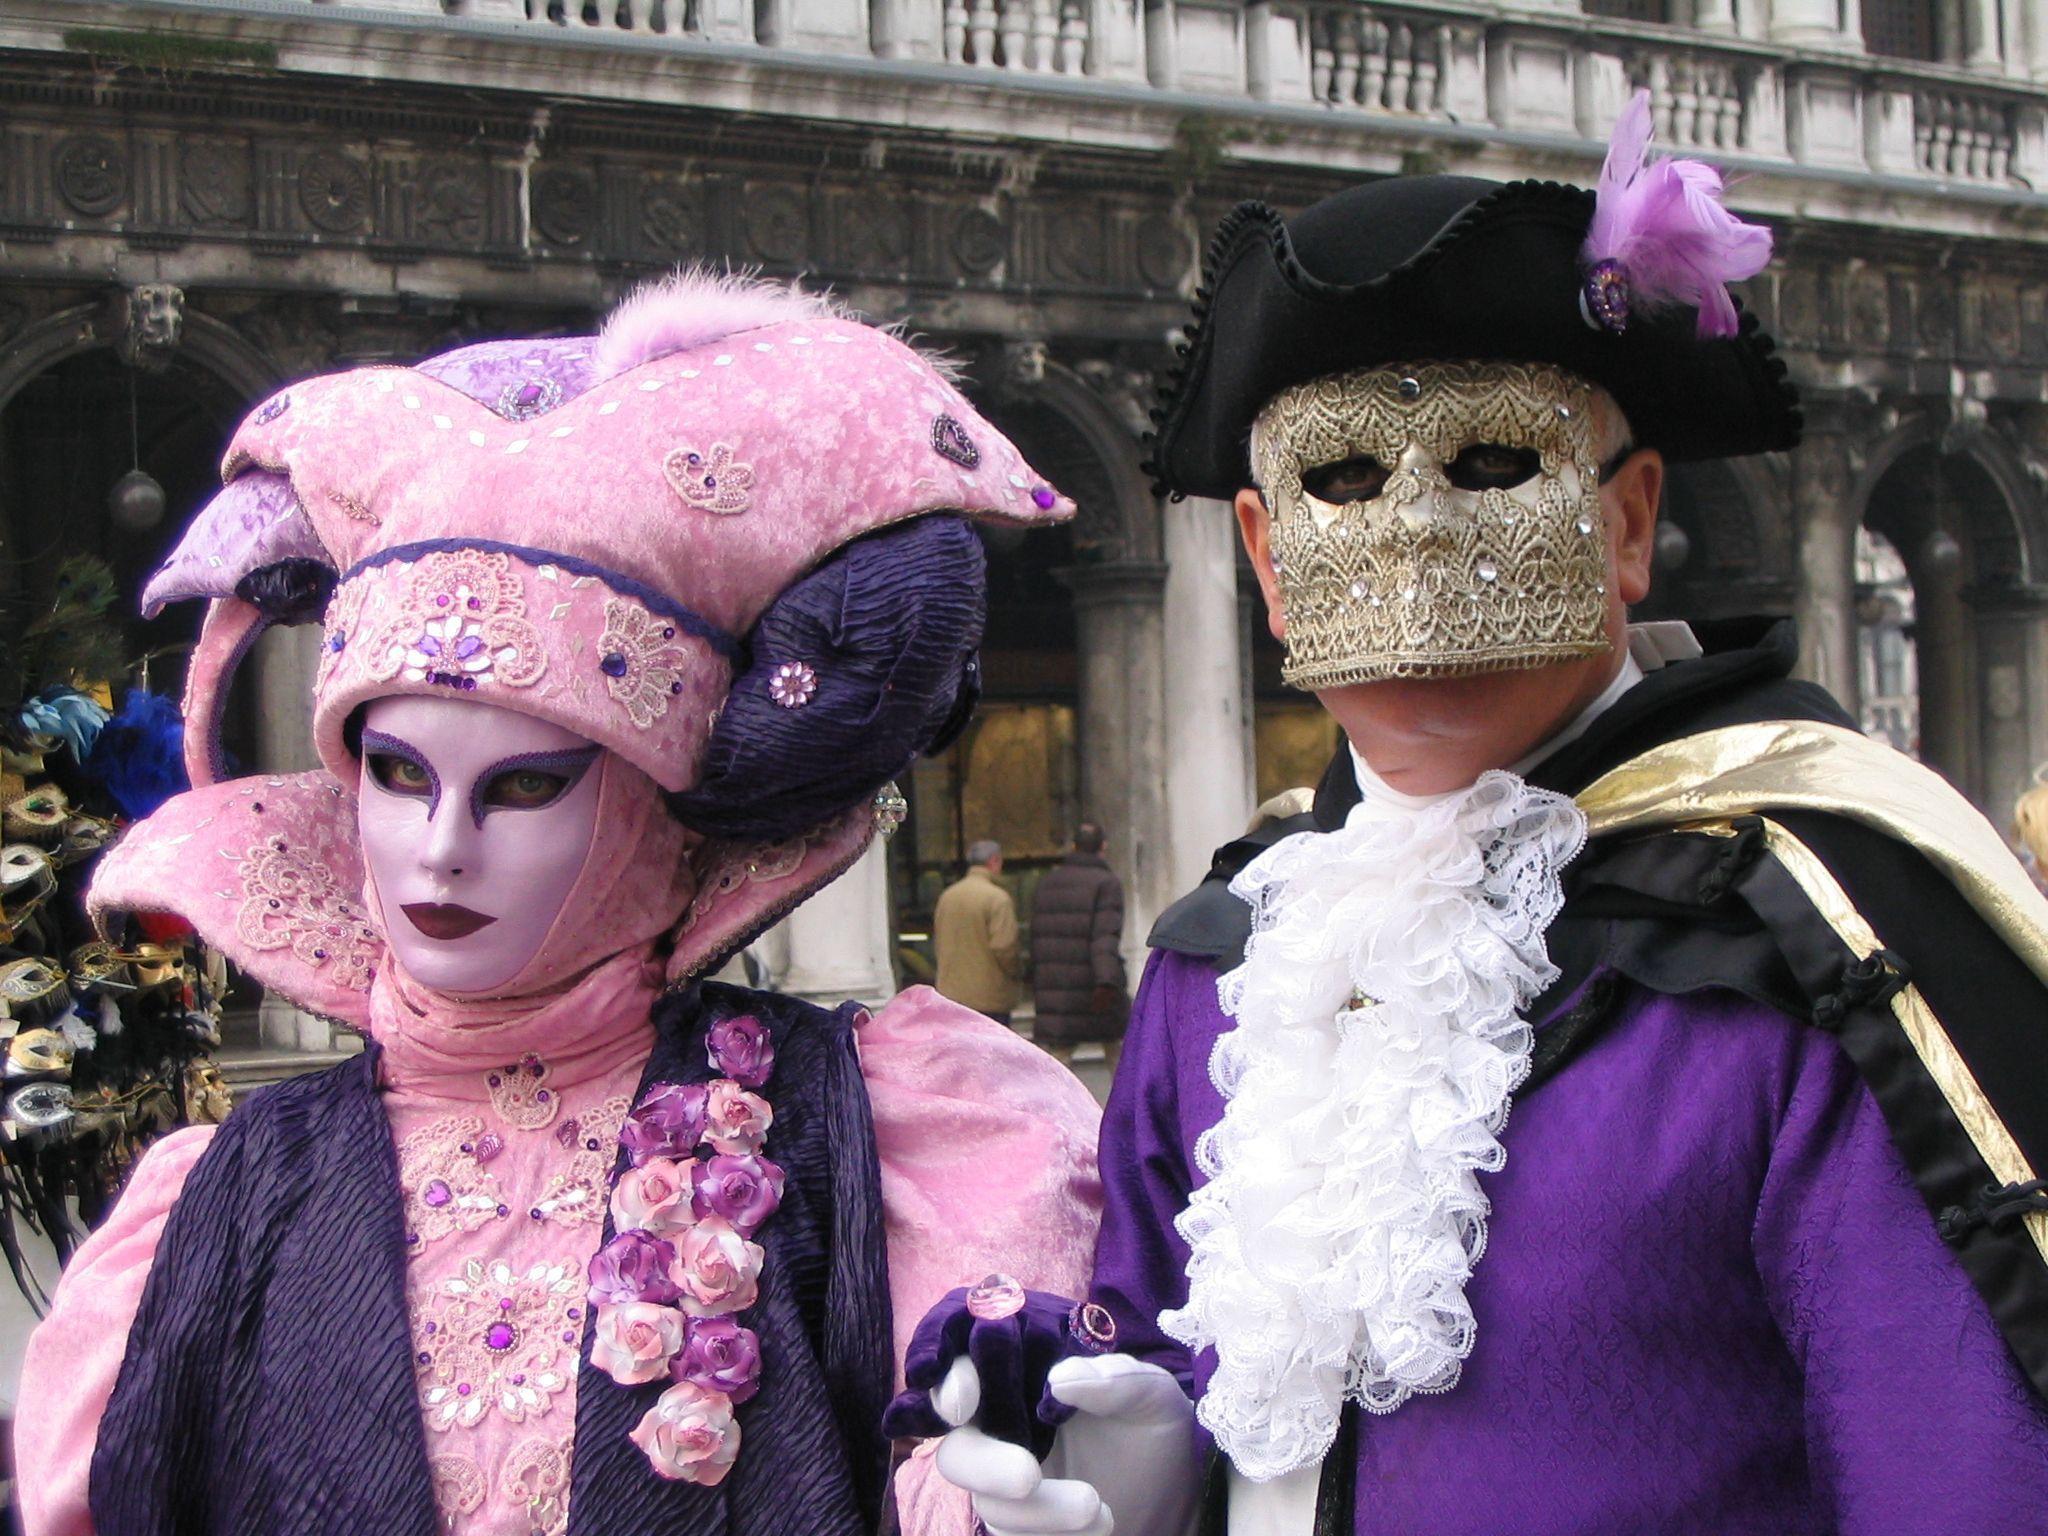 Carnevale di Venezia senza maschere: la scelta contro il pericolo attentati